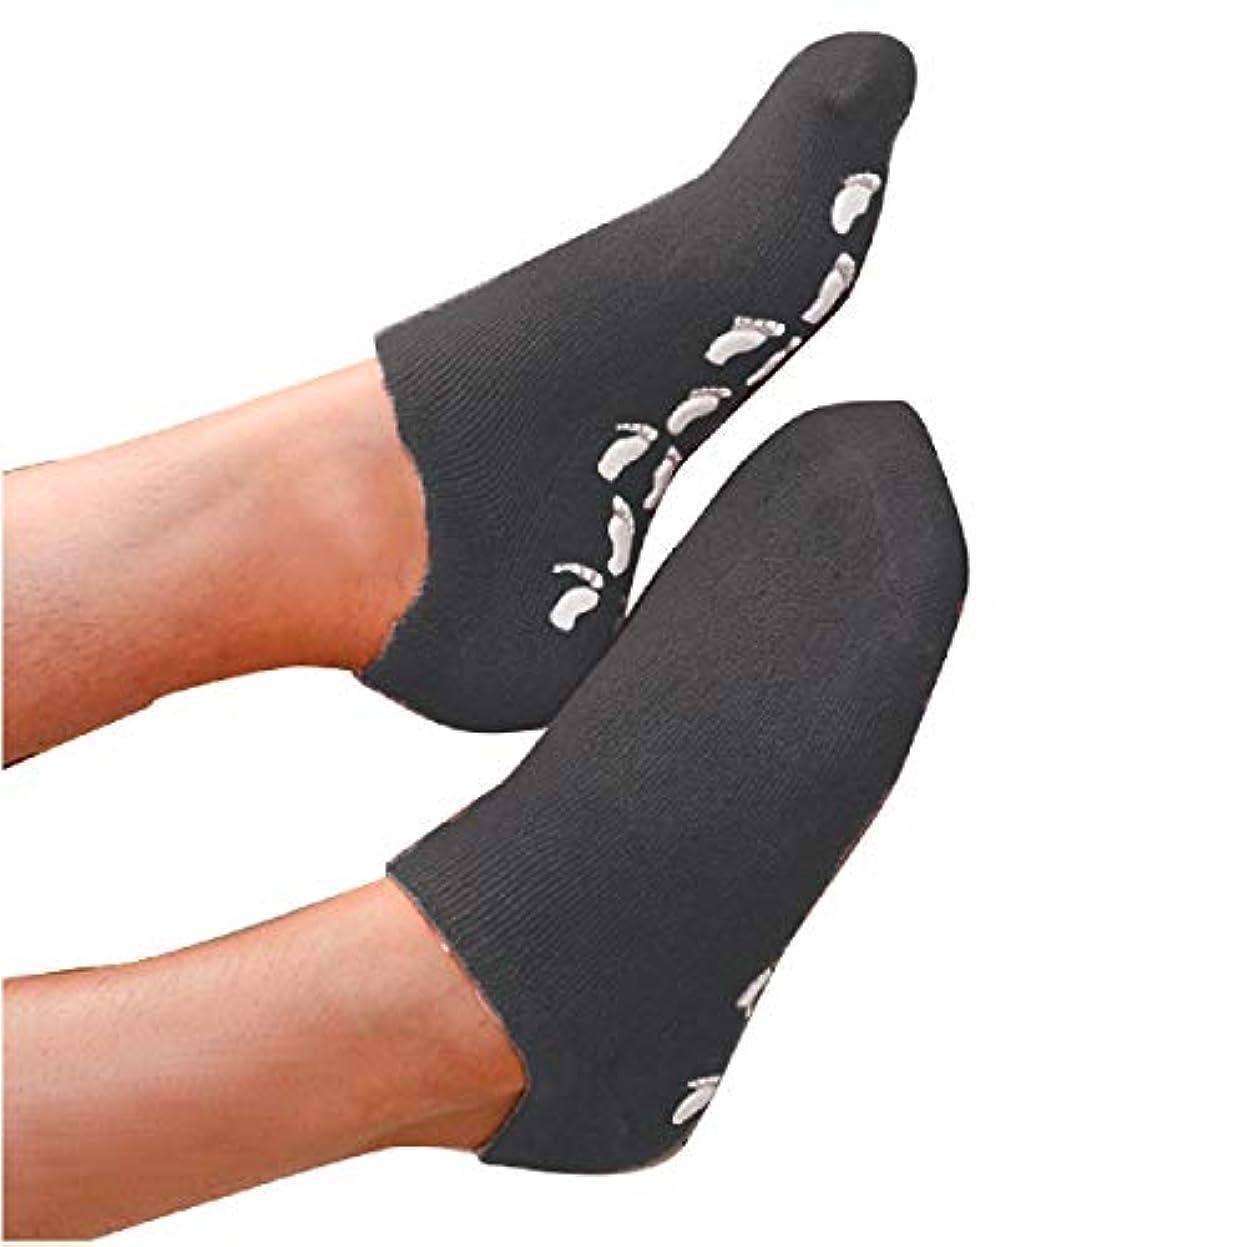 嘆く放出言うまでもなくS&E かかと 靴下 保湿 ソックス 美容成分 潤い ゲル付き 滑り止め 足裏 足の甲 ホホバオイル グレープシード ビタミンE ラベンダー ローズ (ブラック)